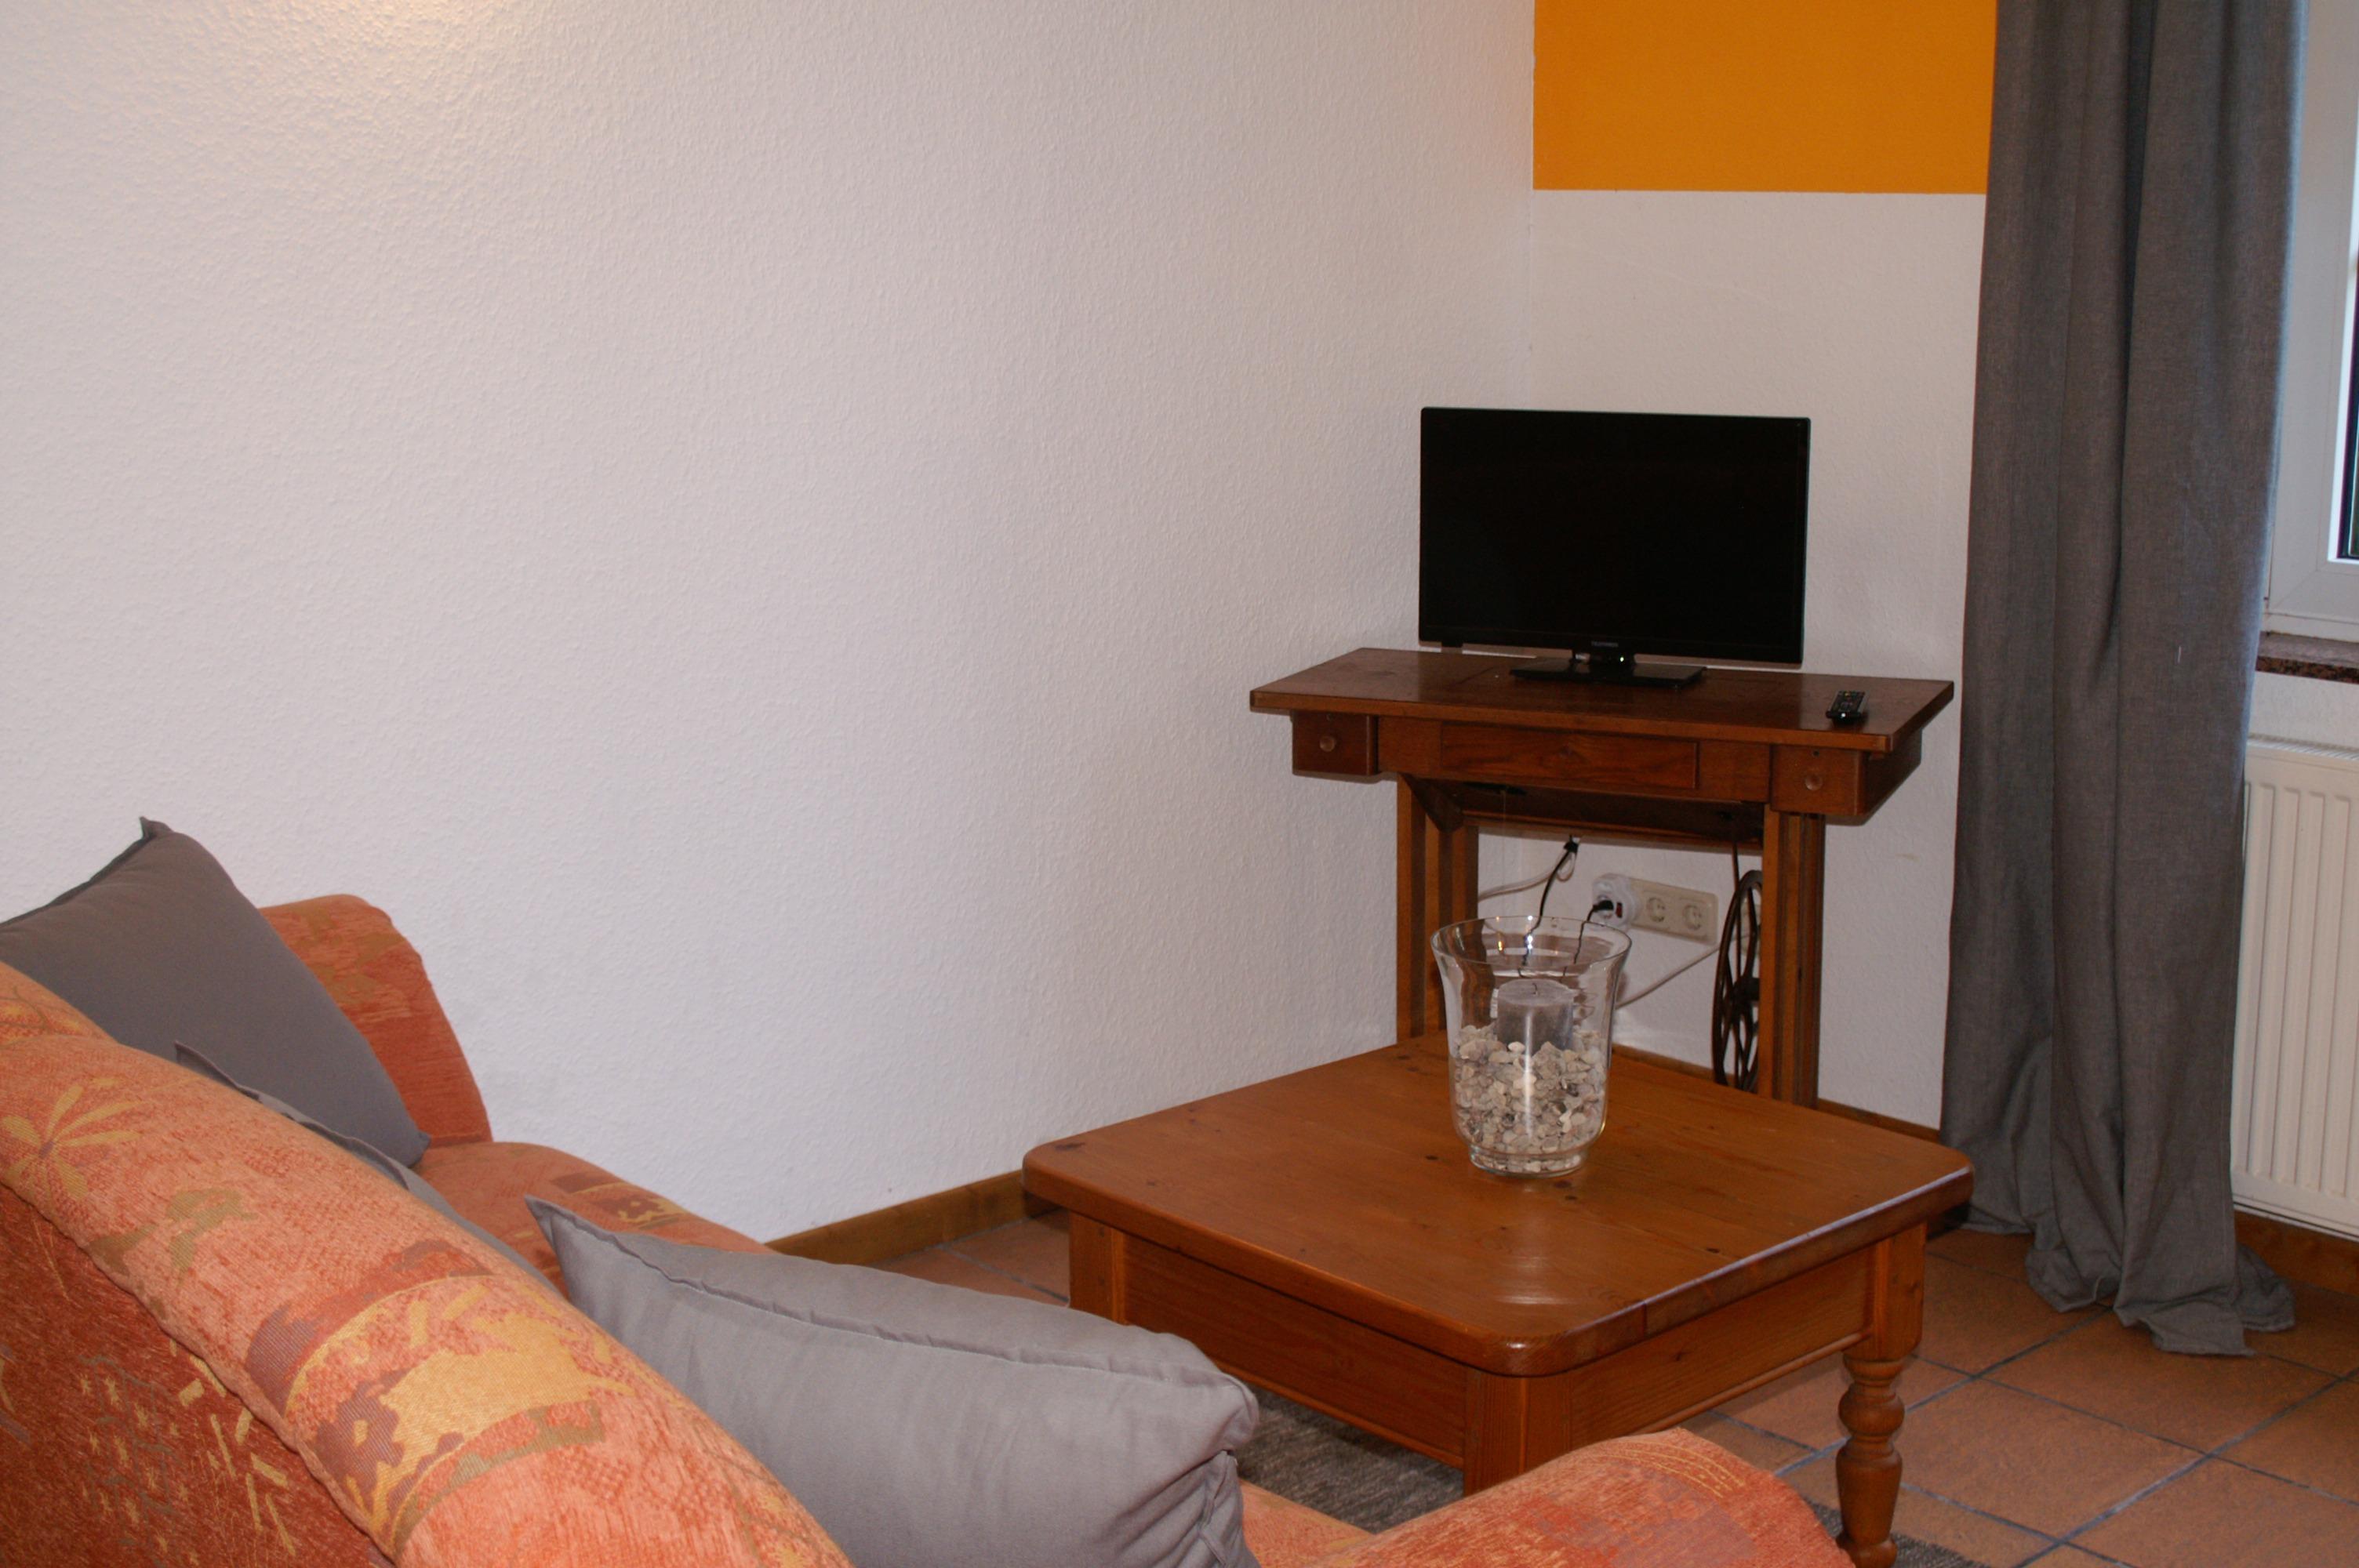 Landhaus Brenner, Alt Güstelitz - WE 1 - Sitzecke mit Fernseher